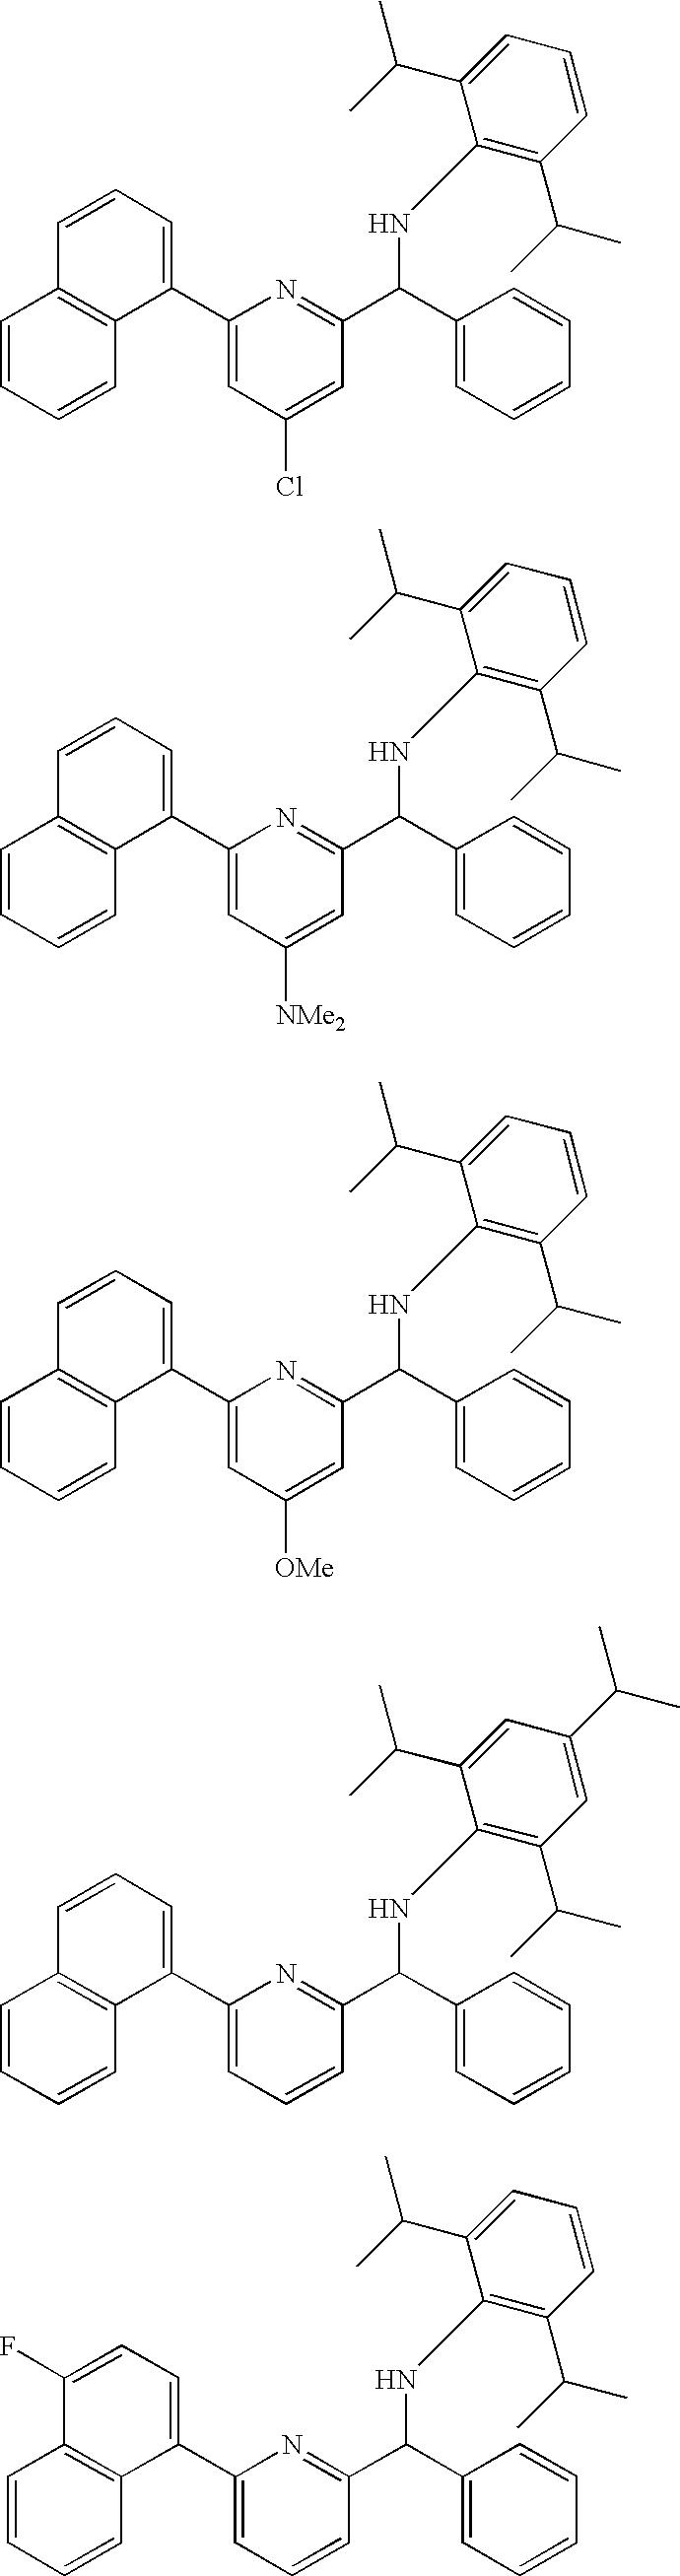 Figure US06900321-20050531-C00011